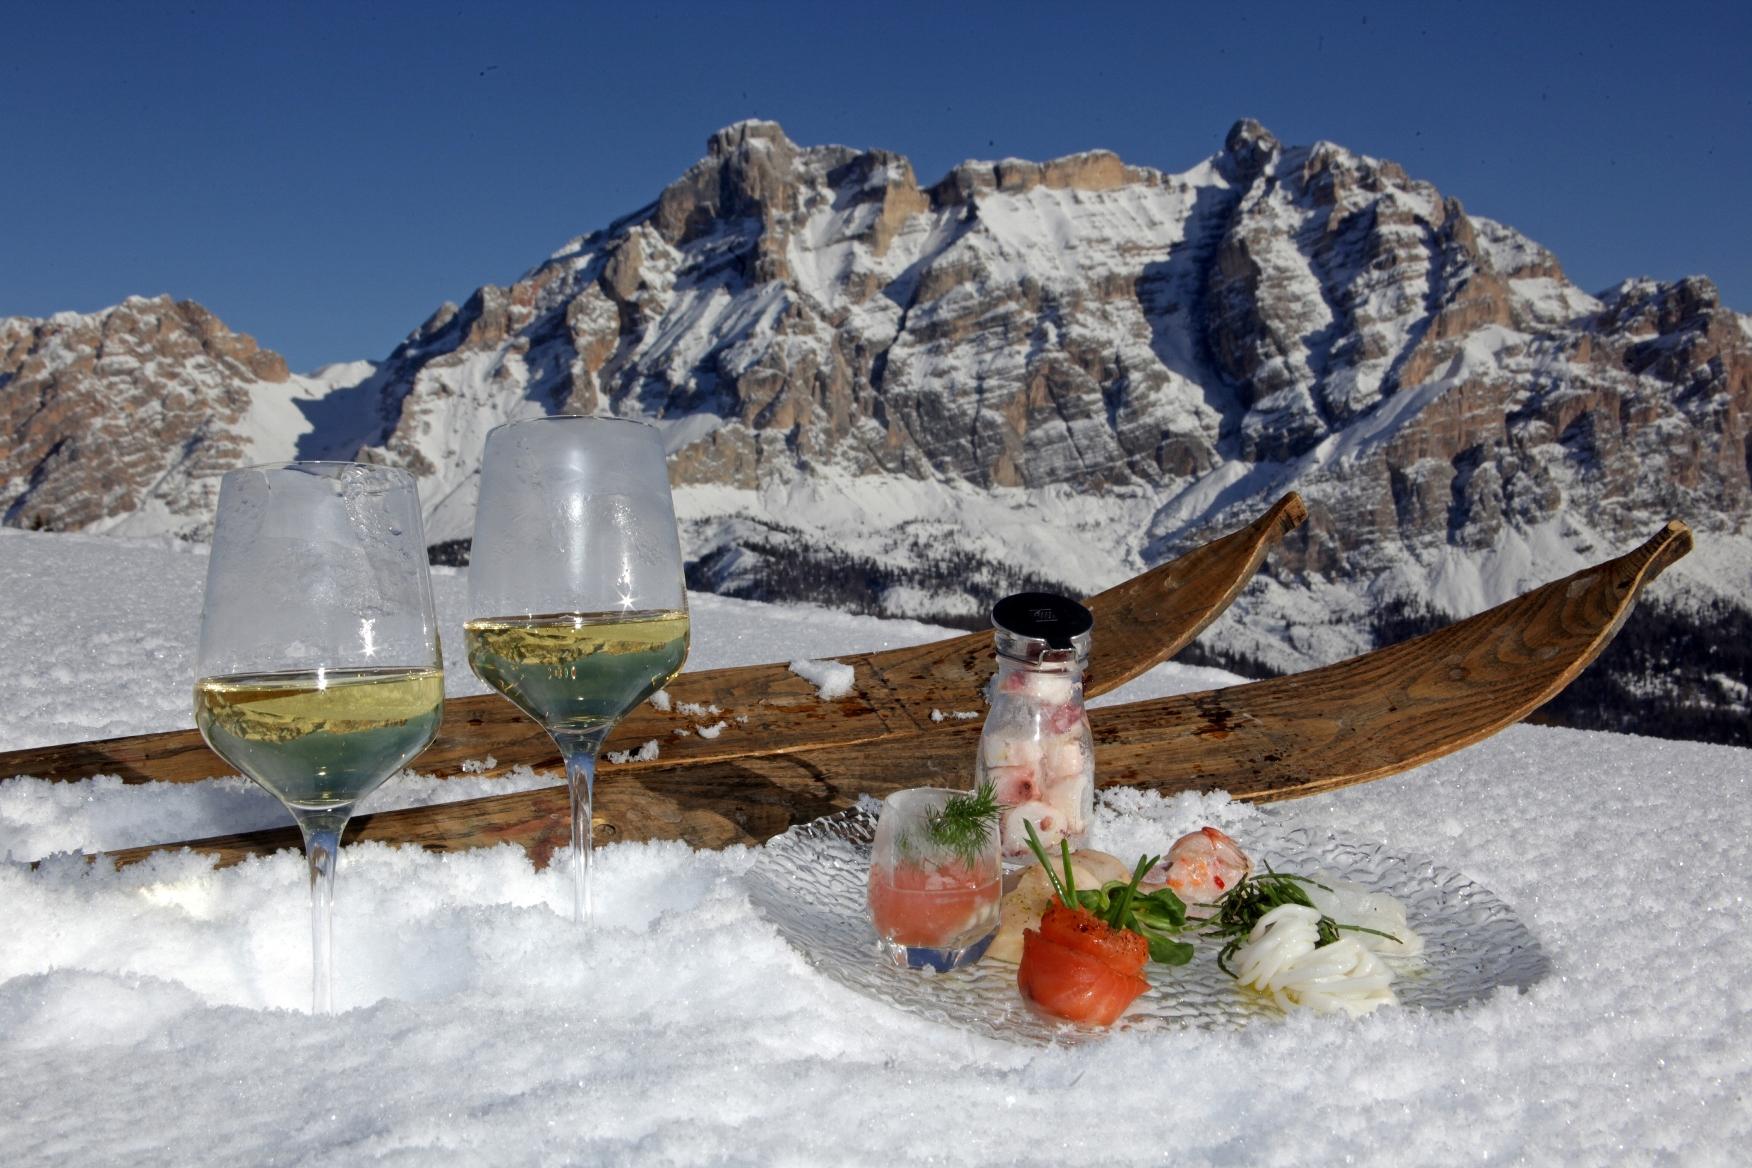 Gourmet Skisafari in Alta Badia, per sciare con gusto